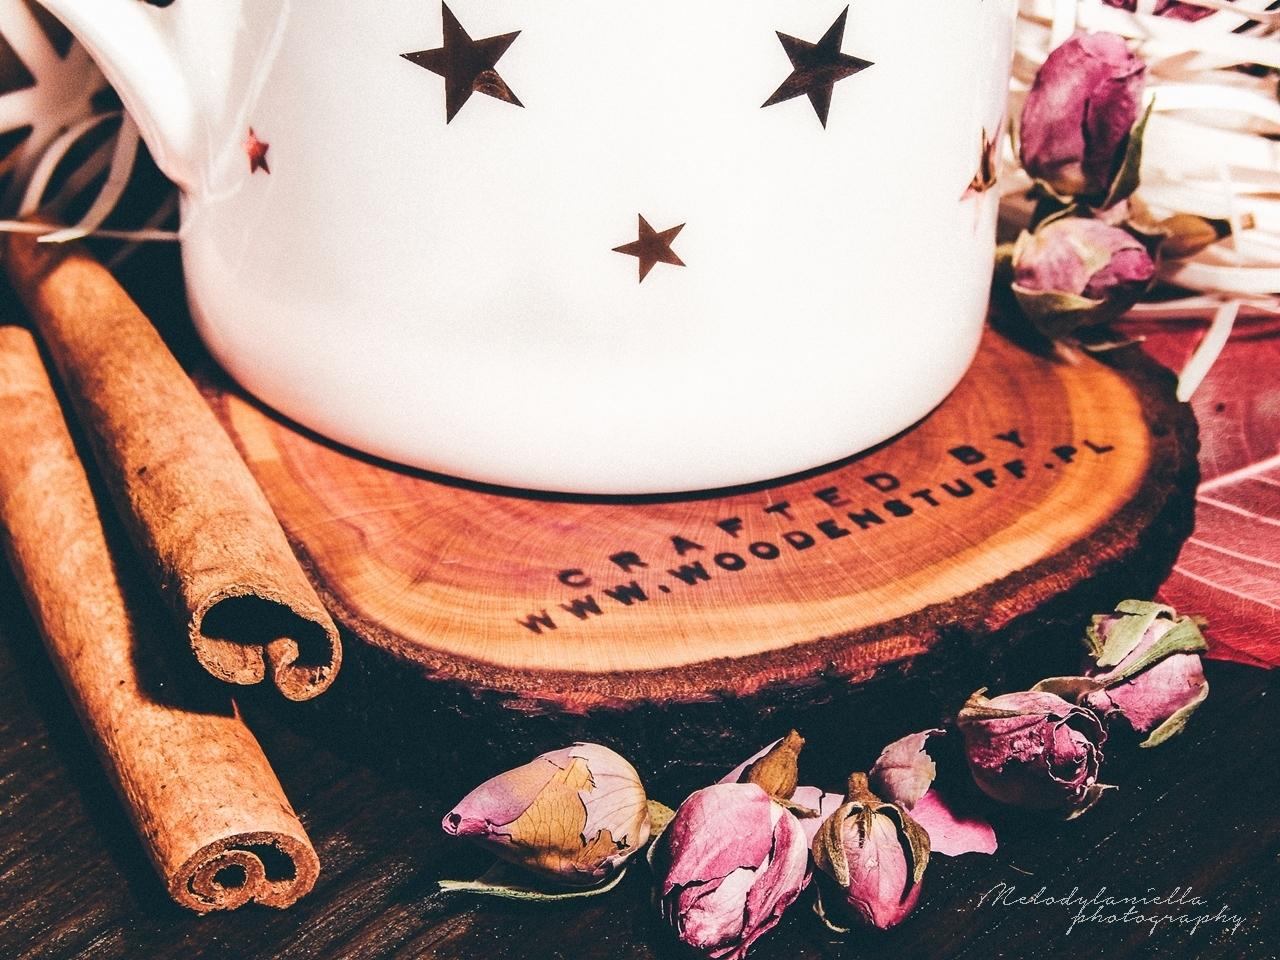 woodenstuff drewniane dodatki w stylu skandynawskim do domu i mieszkania super prezent drewniana podkladka pod kubek w gwiazdki zloto